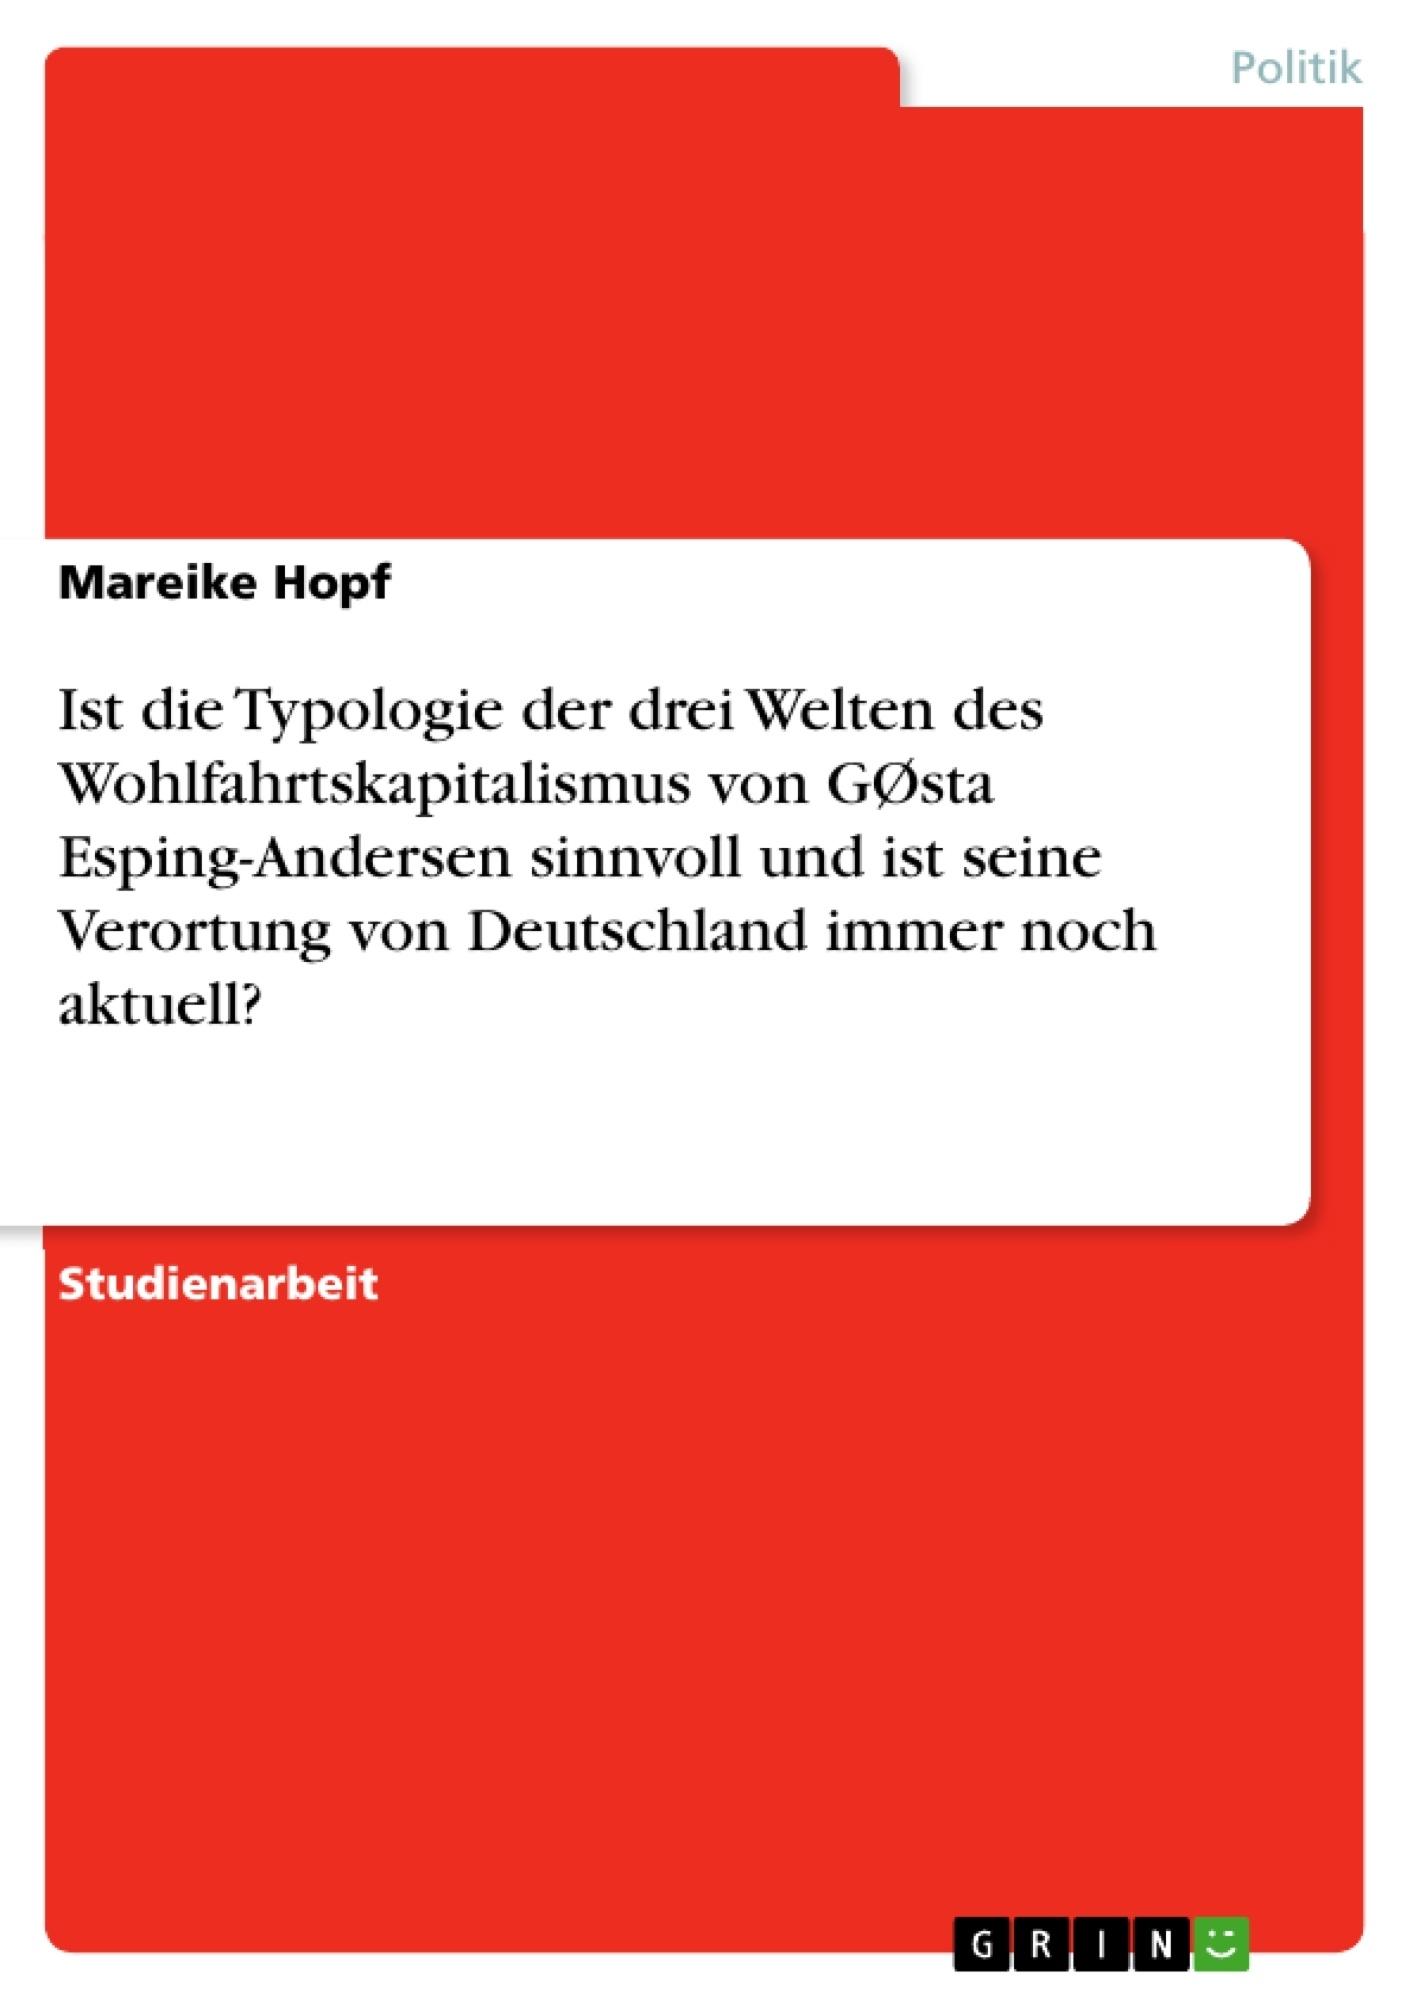 Titel: Ist die Typologie der drei Welten des Wohlfahrtskapitalismus von GØsta Esping-Andersen sinnvoll und ist seine Verortung von Deutschland immer noch aktuell?